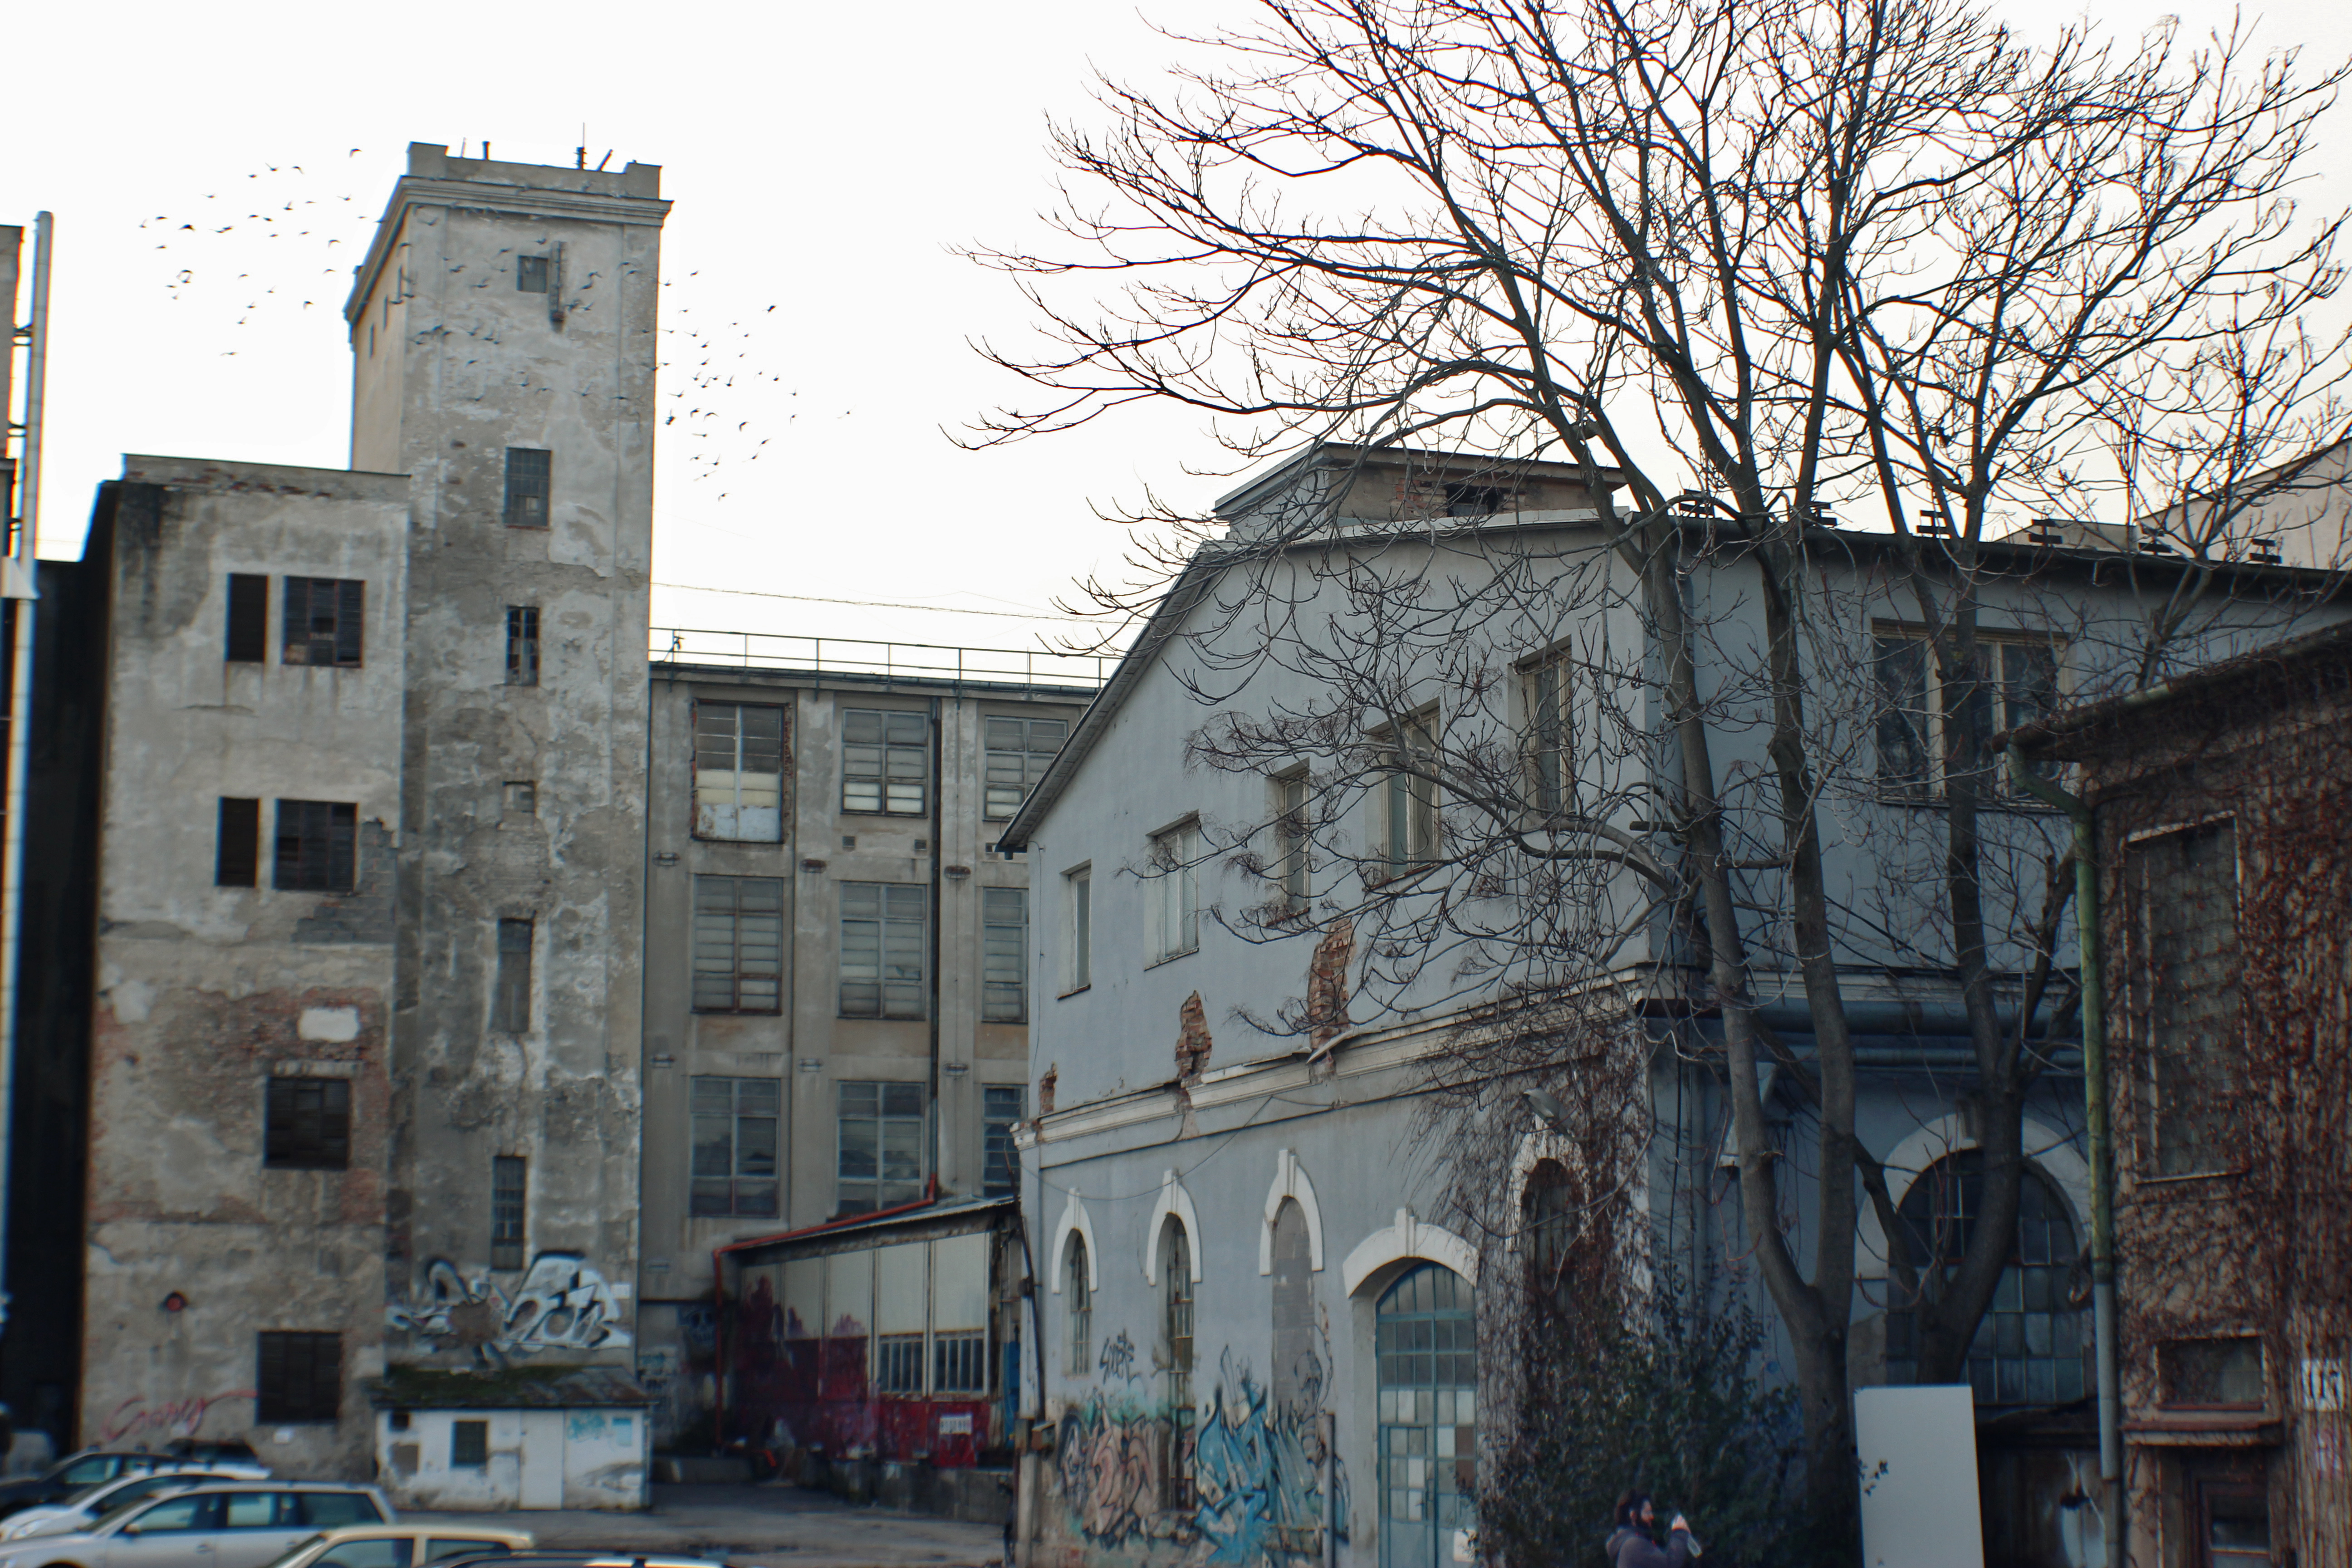 Bratislavská Cvernovka prežila dve svetové vojny a niekoľko politických režimov. Dnes je jej budúcnosť neistá.